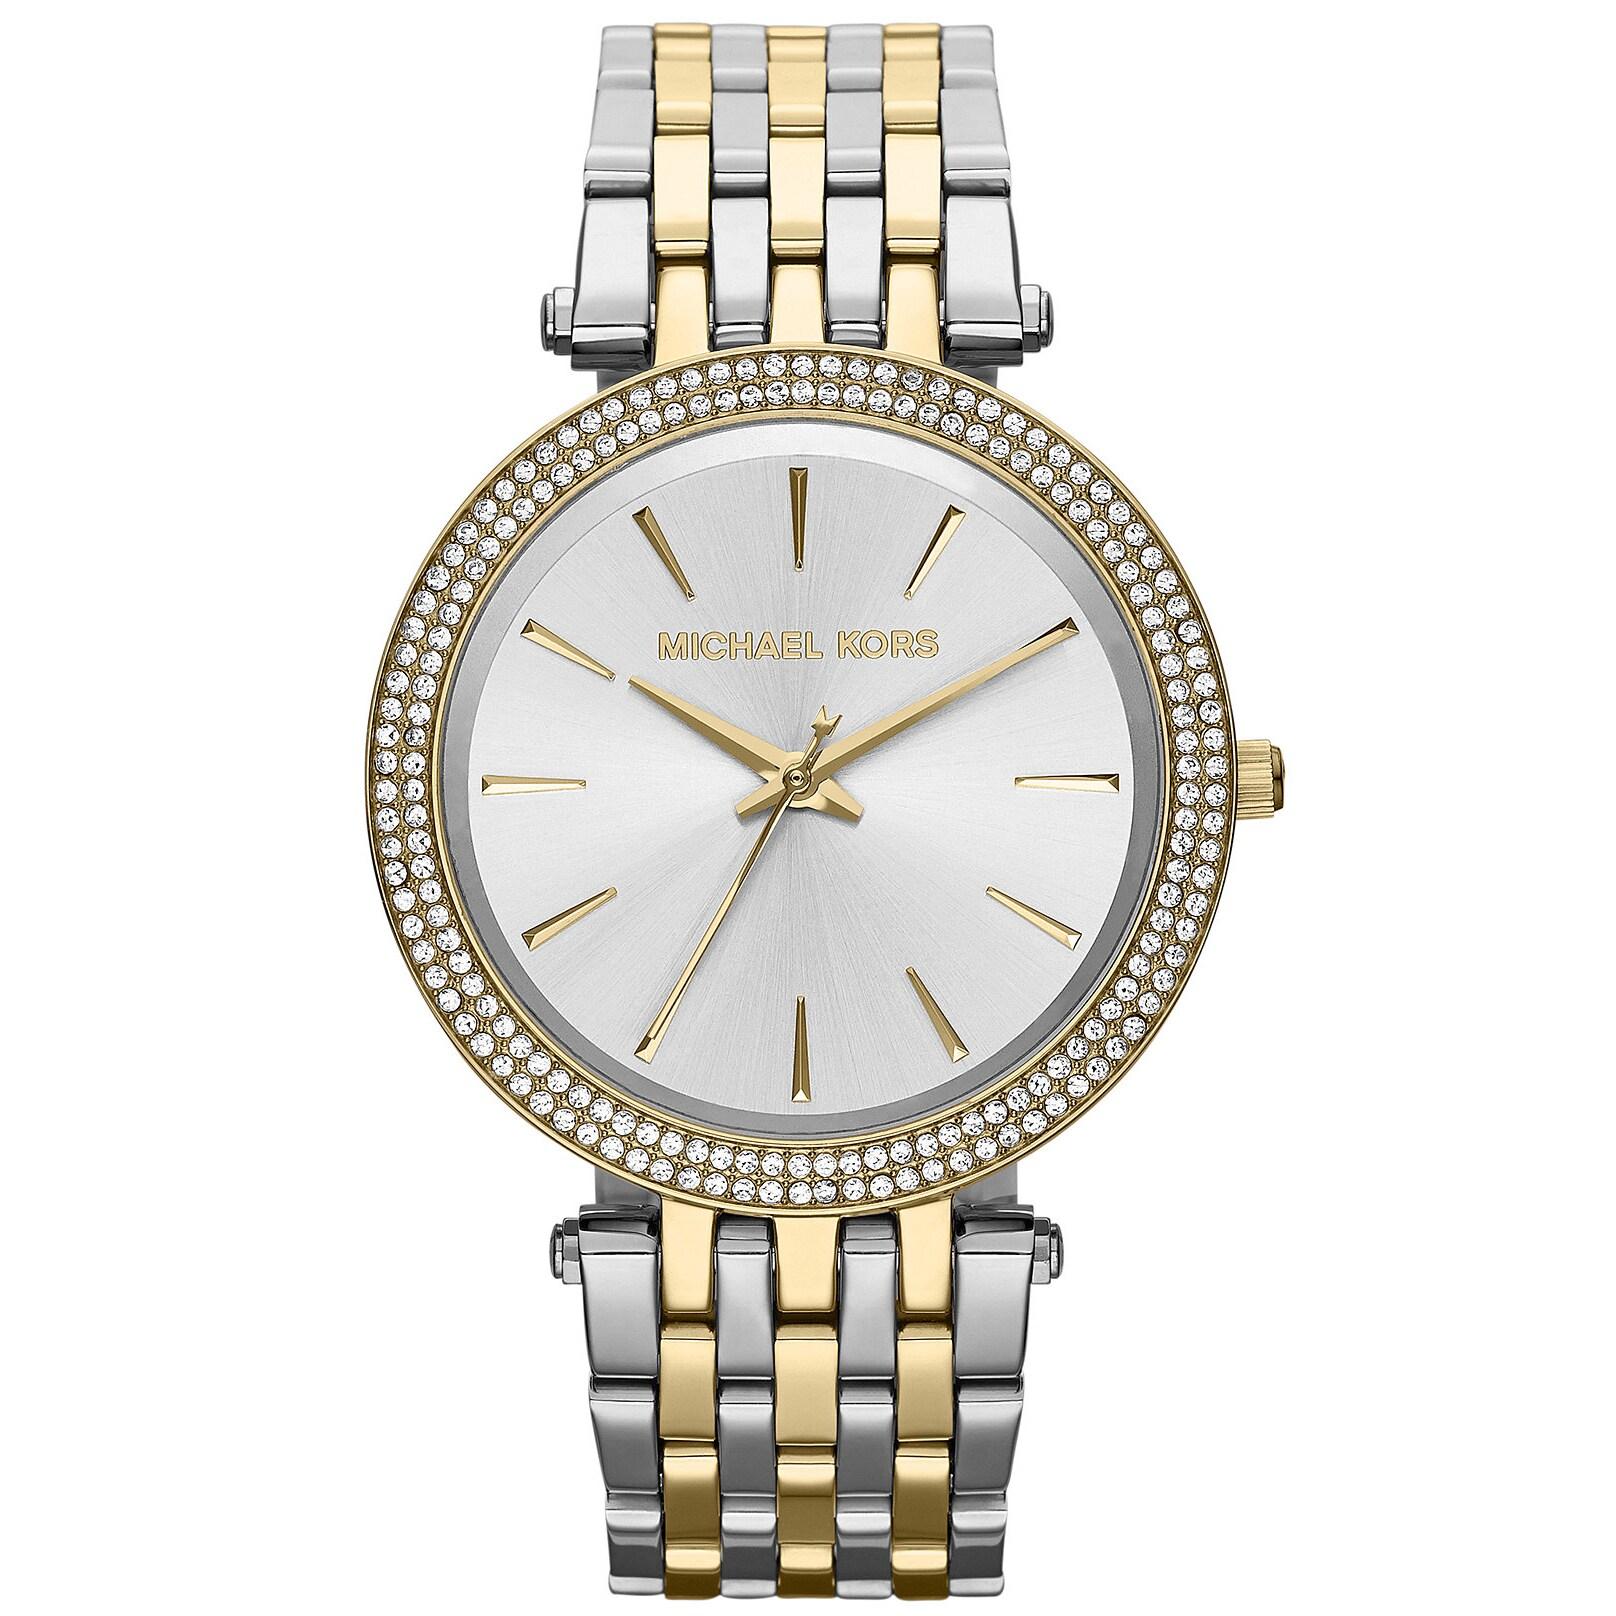 d30c8be09e10 Michael Kors Women s Watches